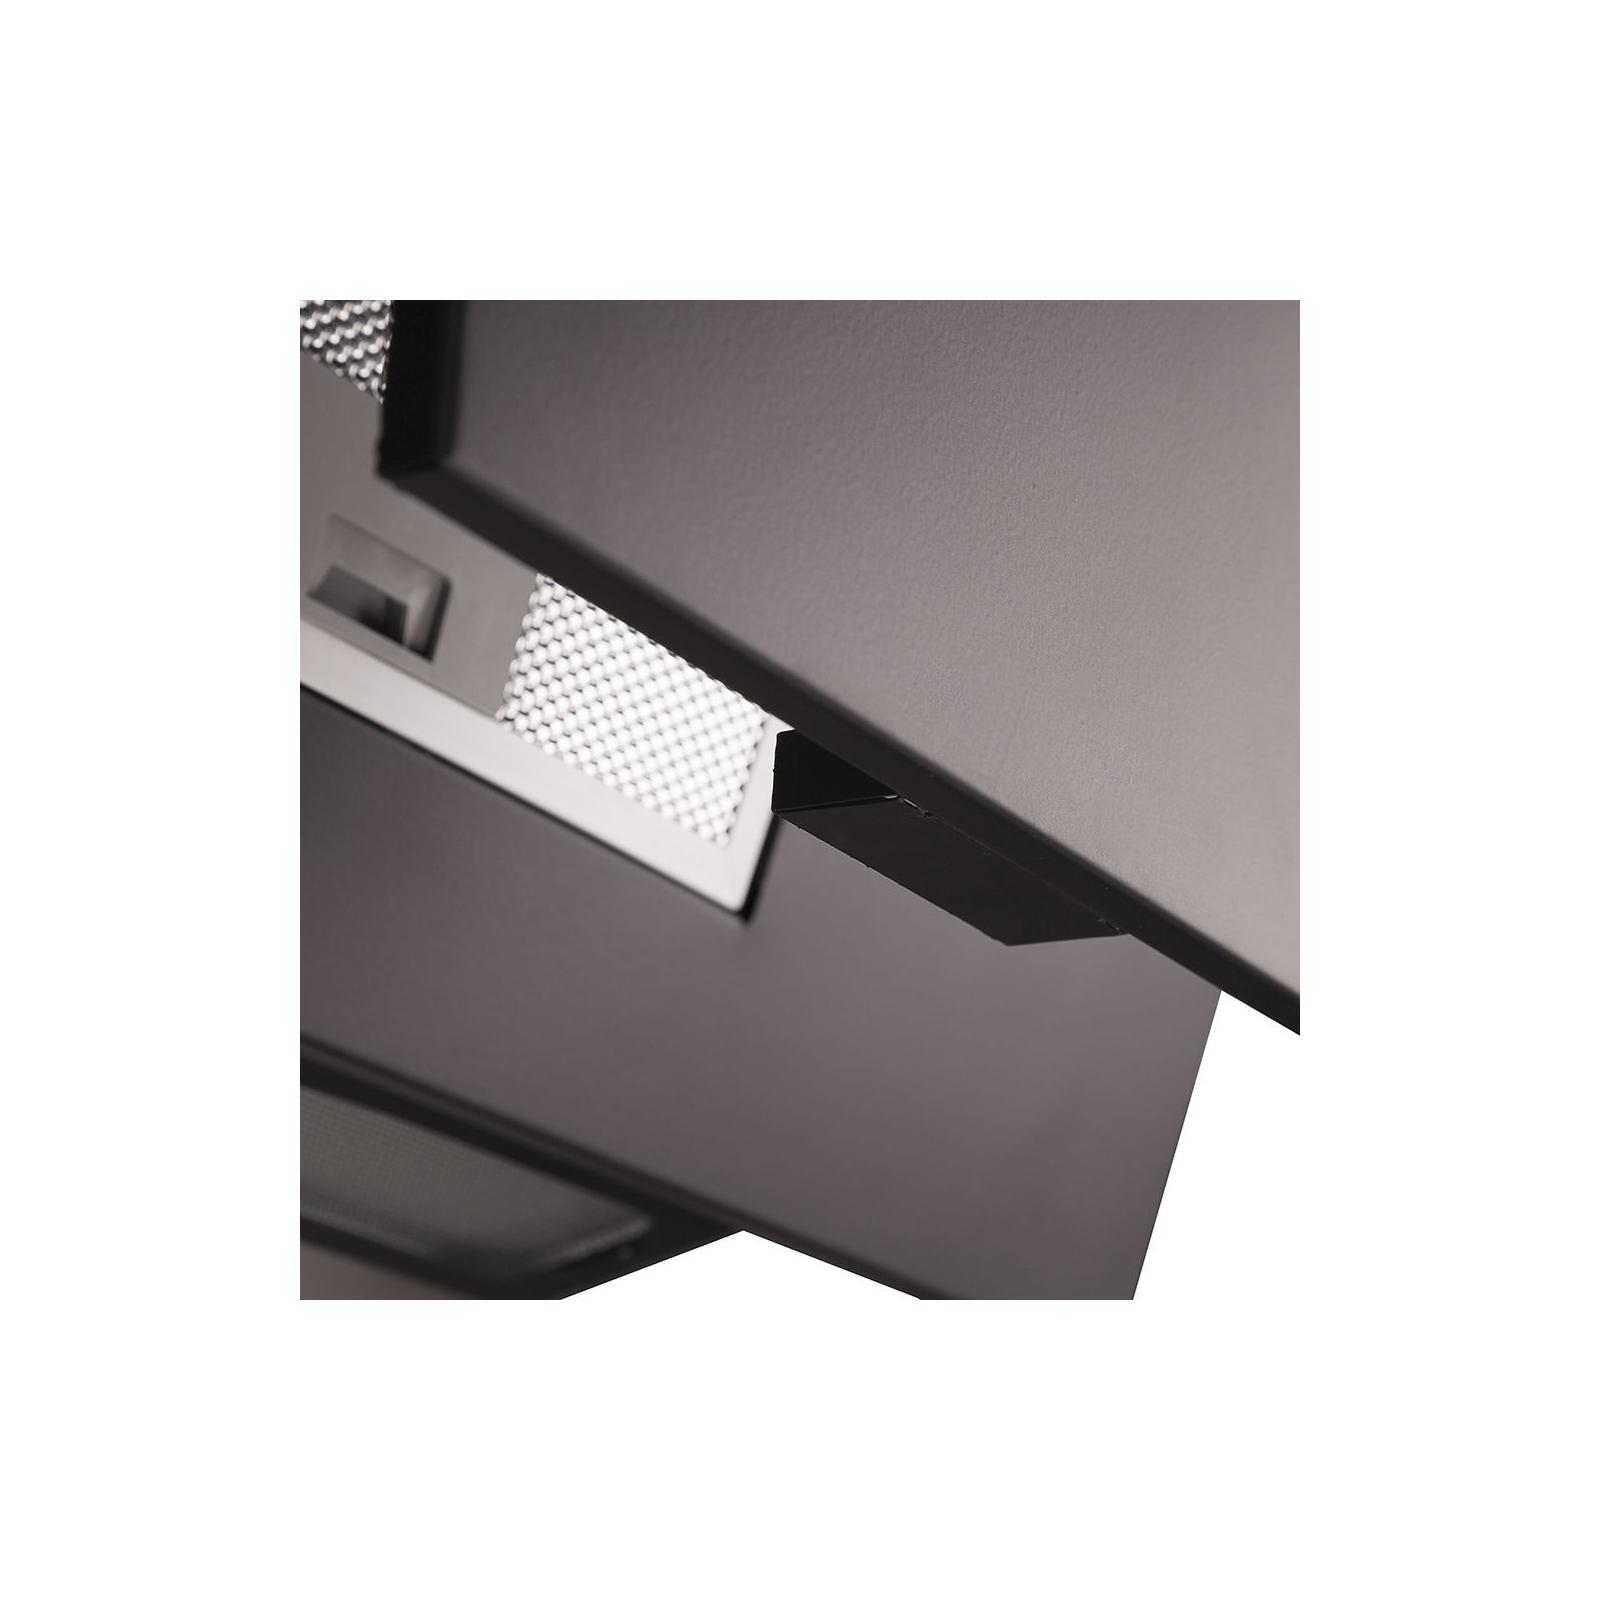 Вытяжка кухонная Pyramida KZ 60 BL изображение 5